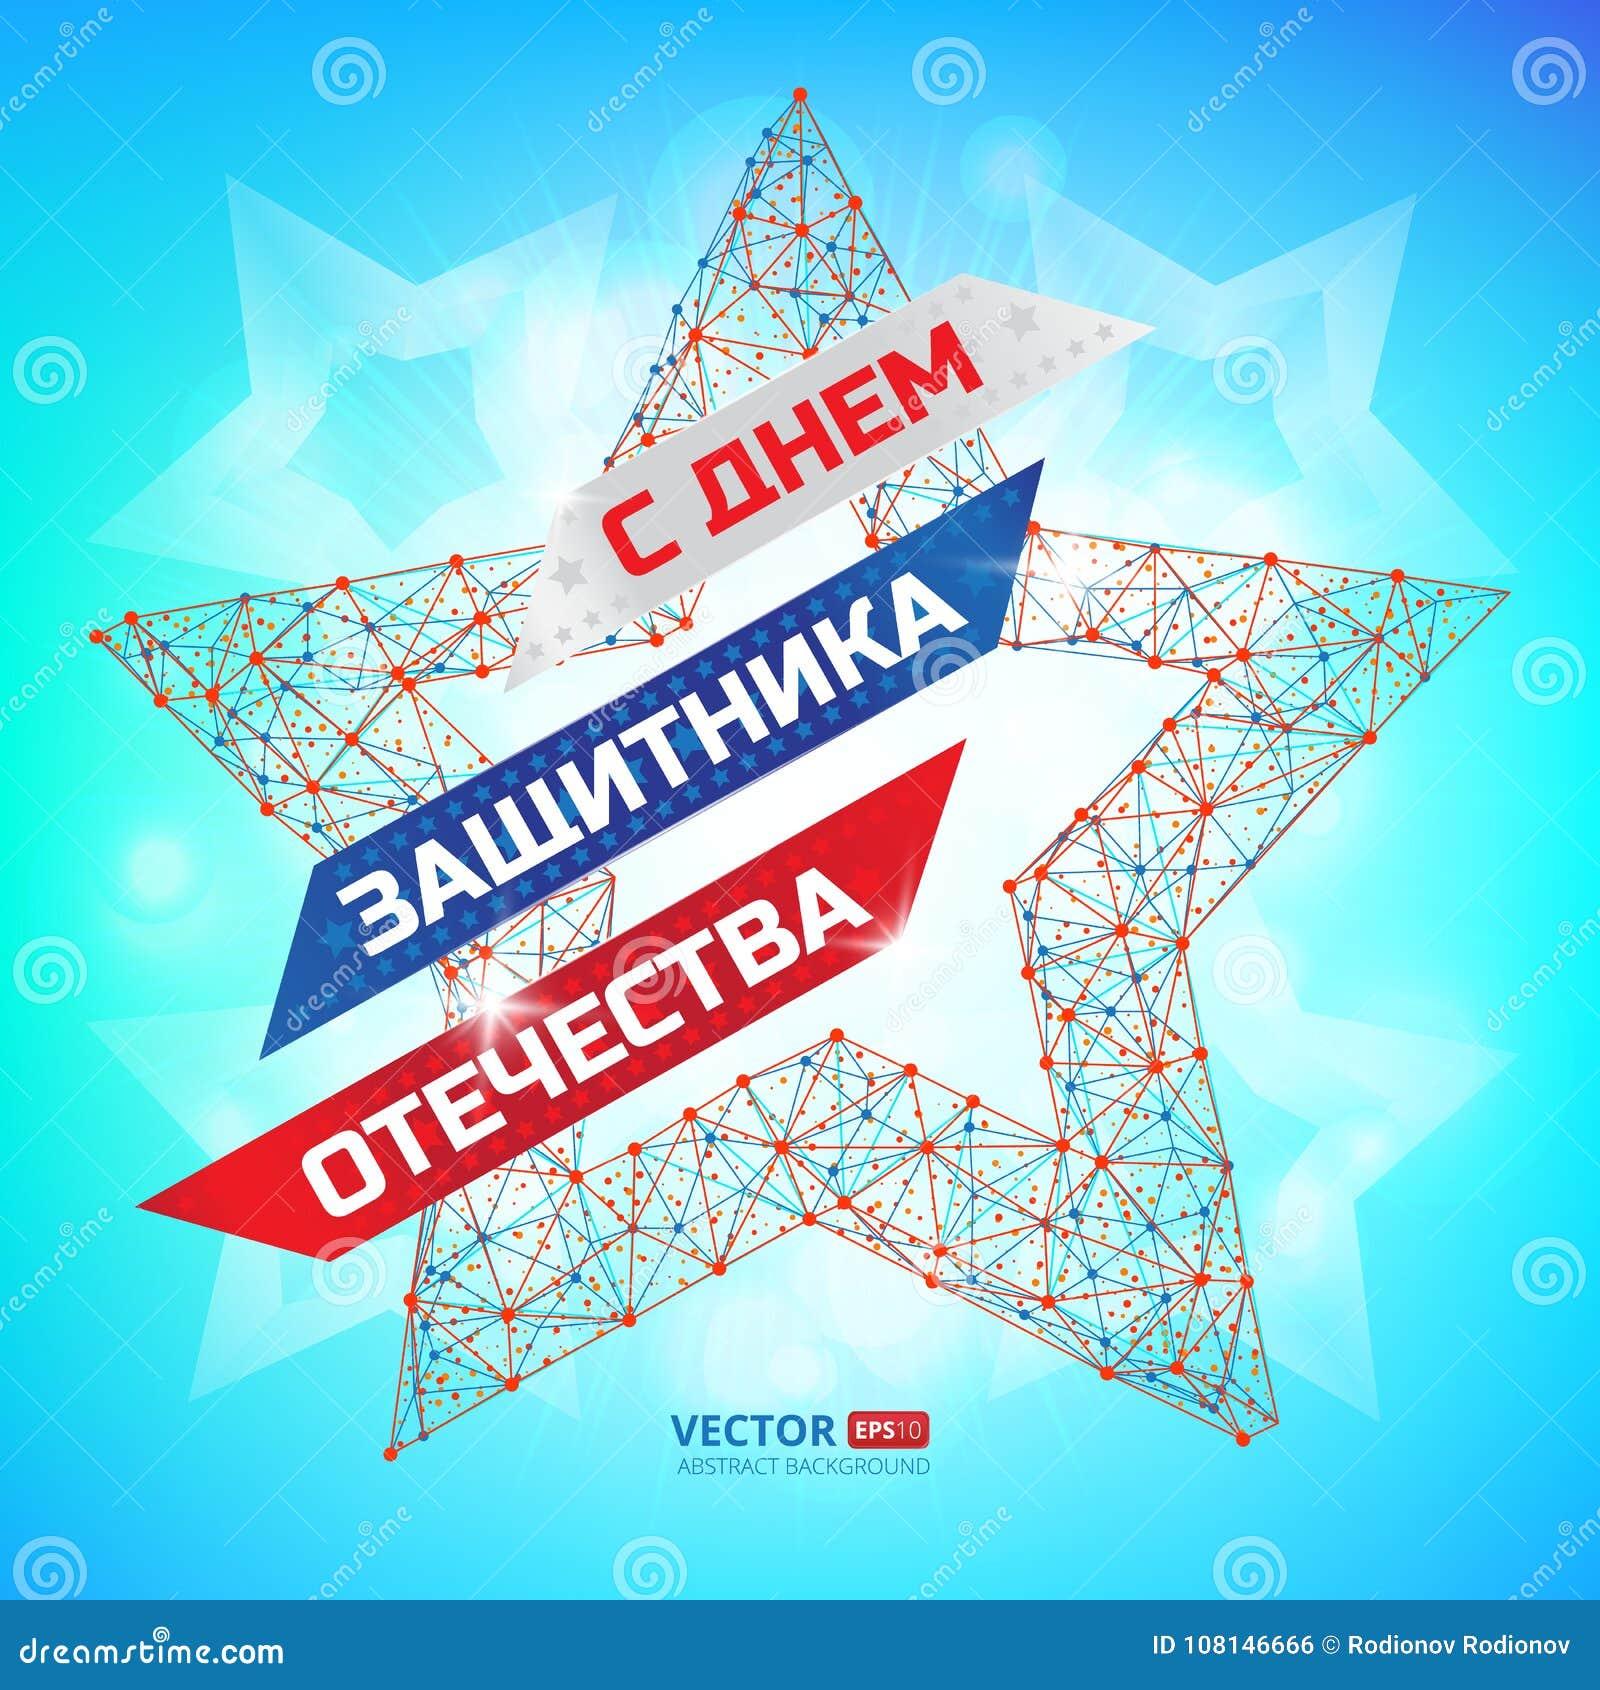 Vektorillustration zum russischen Nationalfeiertag am 23. Februar Patriotisches Feiermilitär in Russland mit russischem Textengli